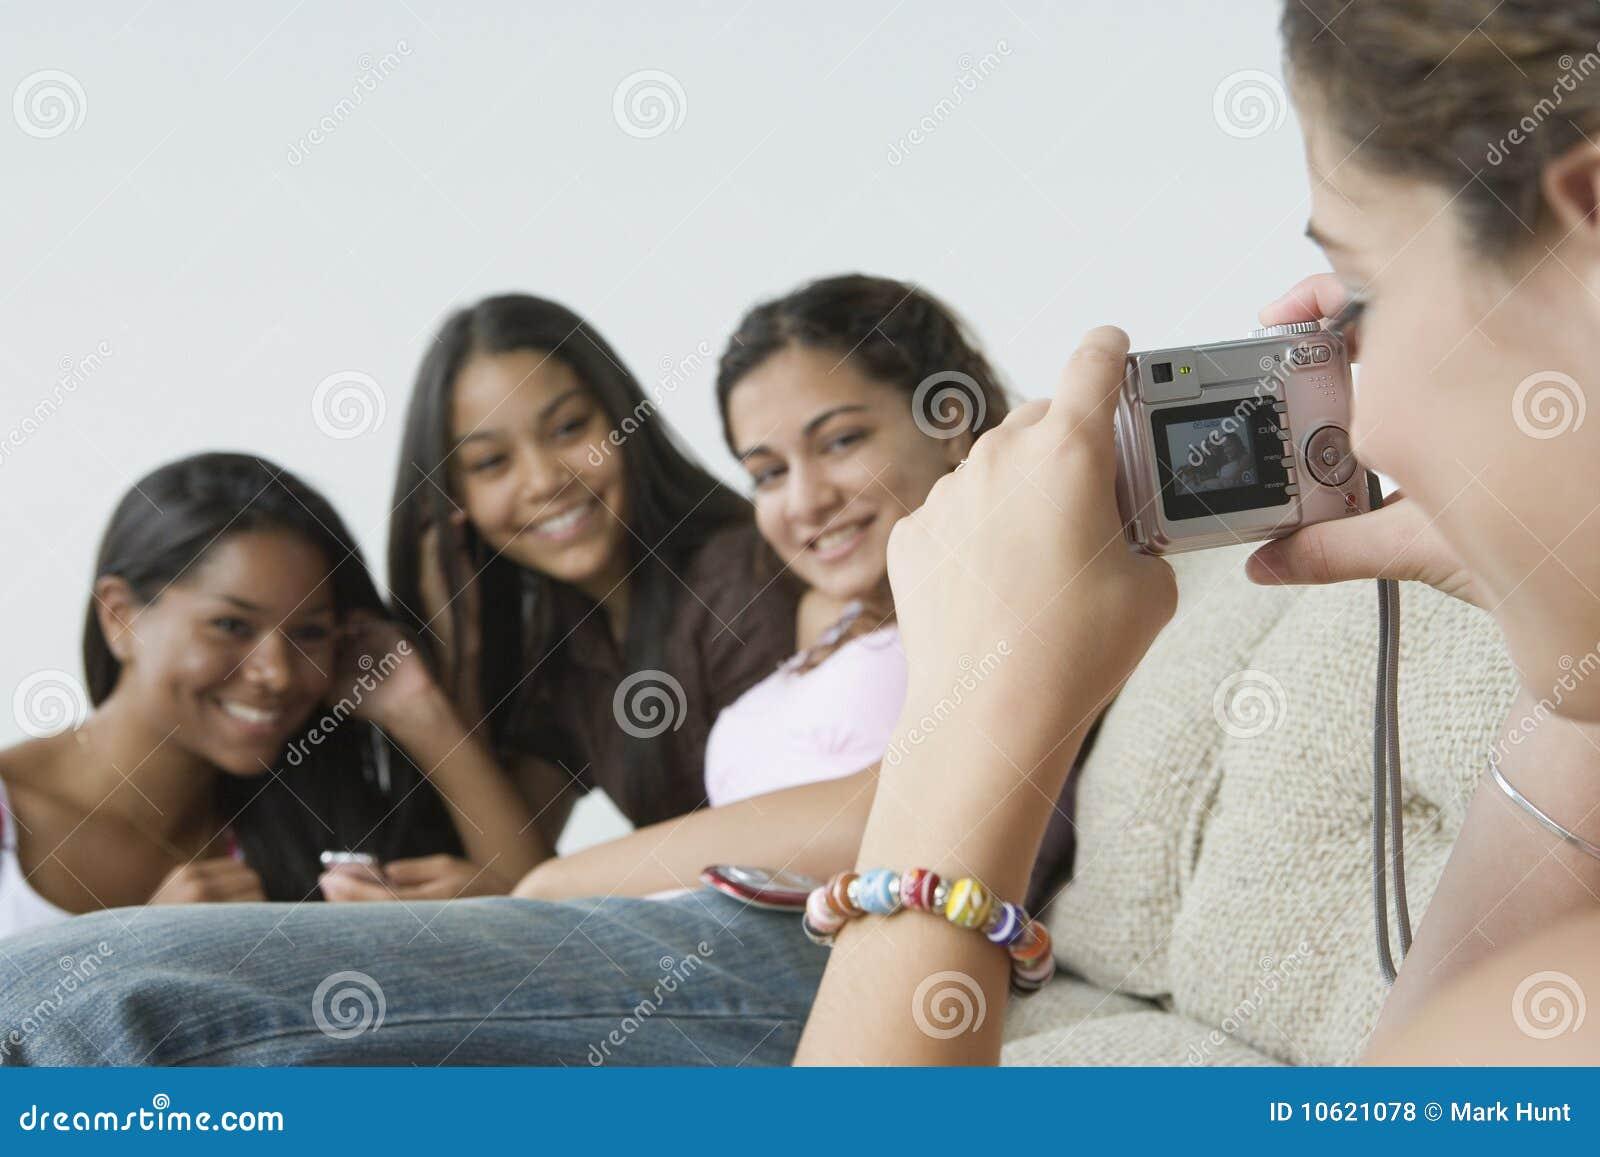 Vollbusiges Girl Masturbiert Mit Ihren Freunden